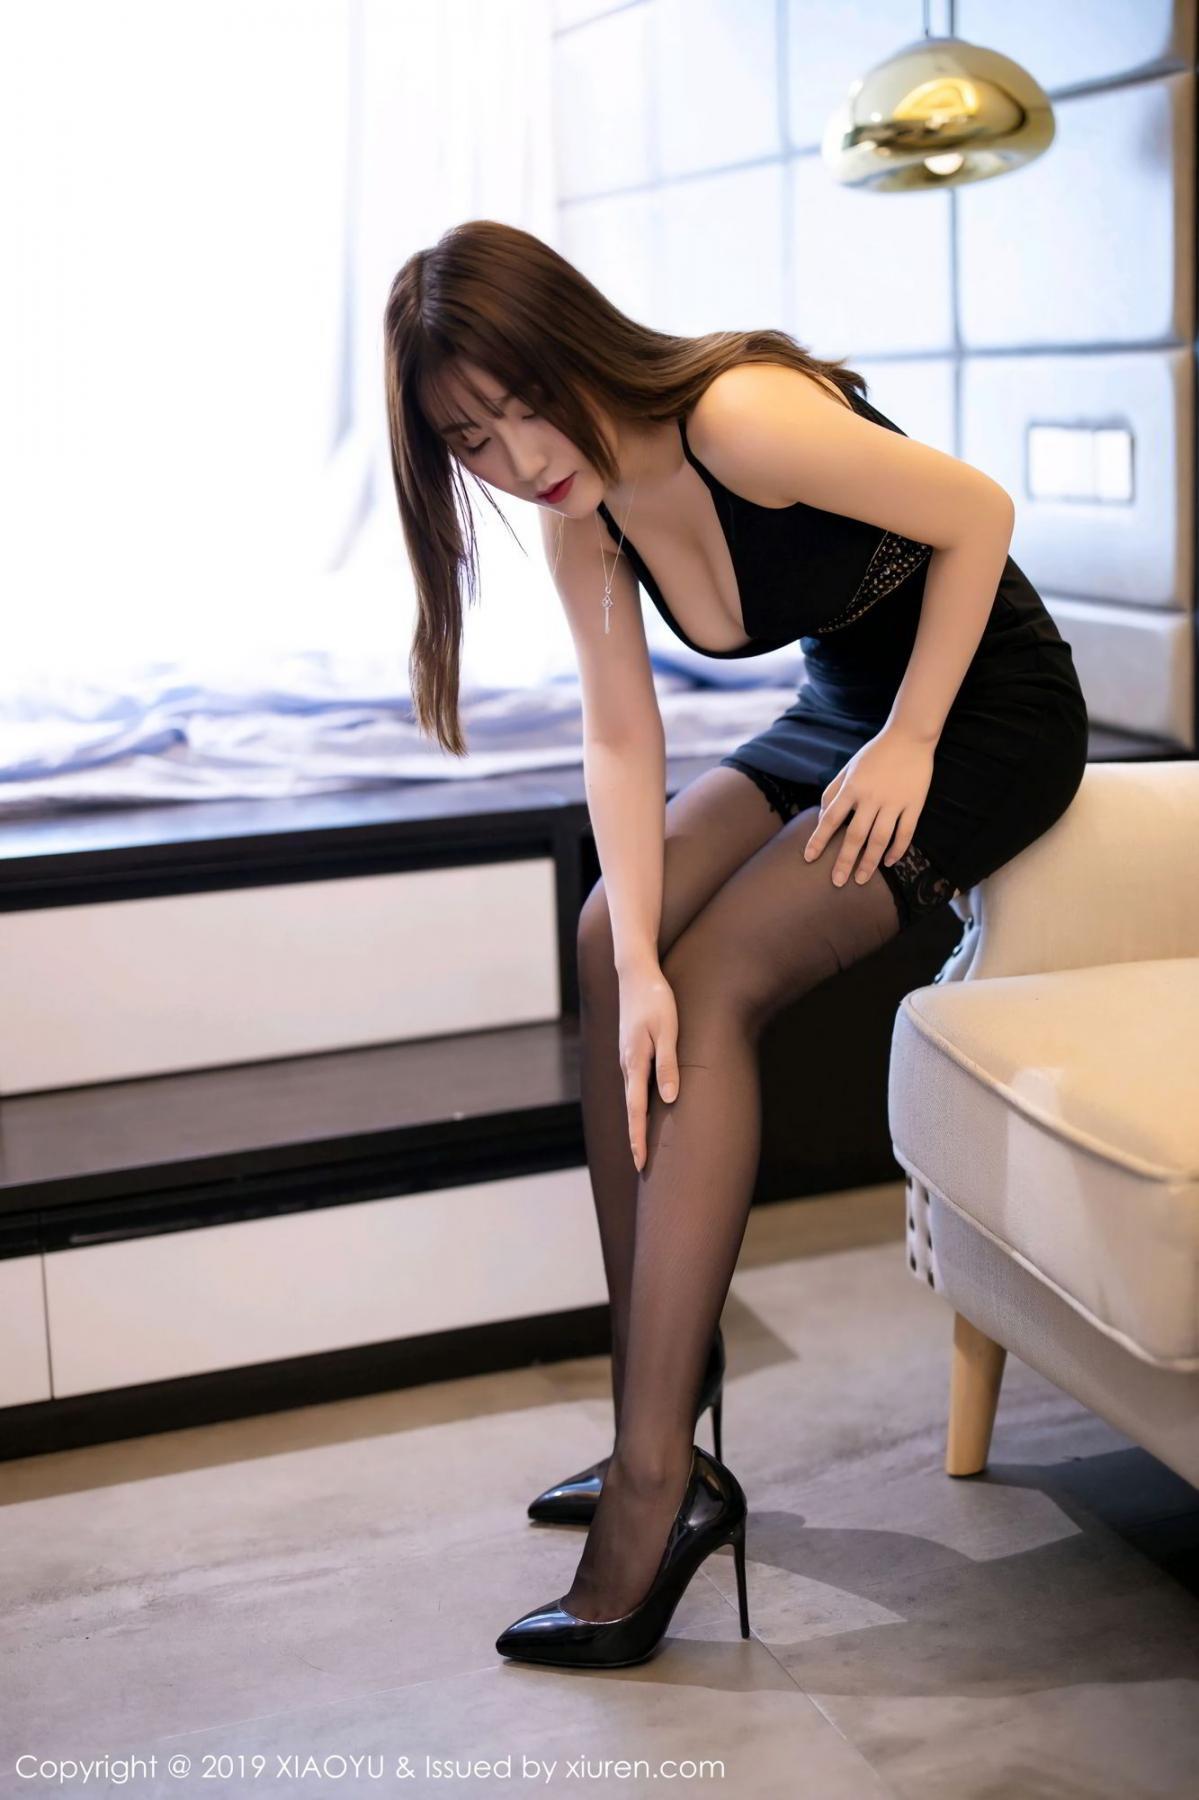 [XiaoYu] Vol.133 Xie Zhi Xin 8P, Black Silk, Tall, XiaoYu, Xie Zhi Xin